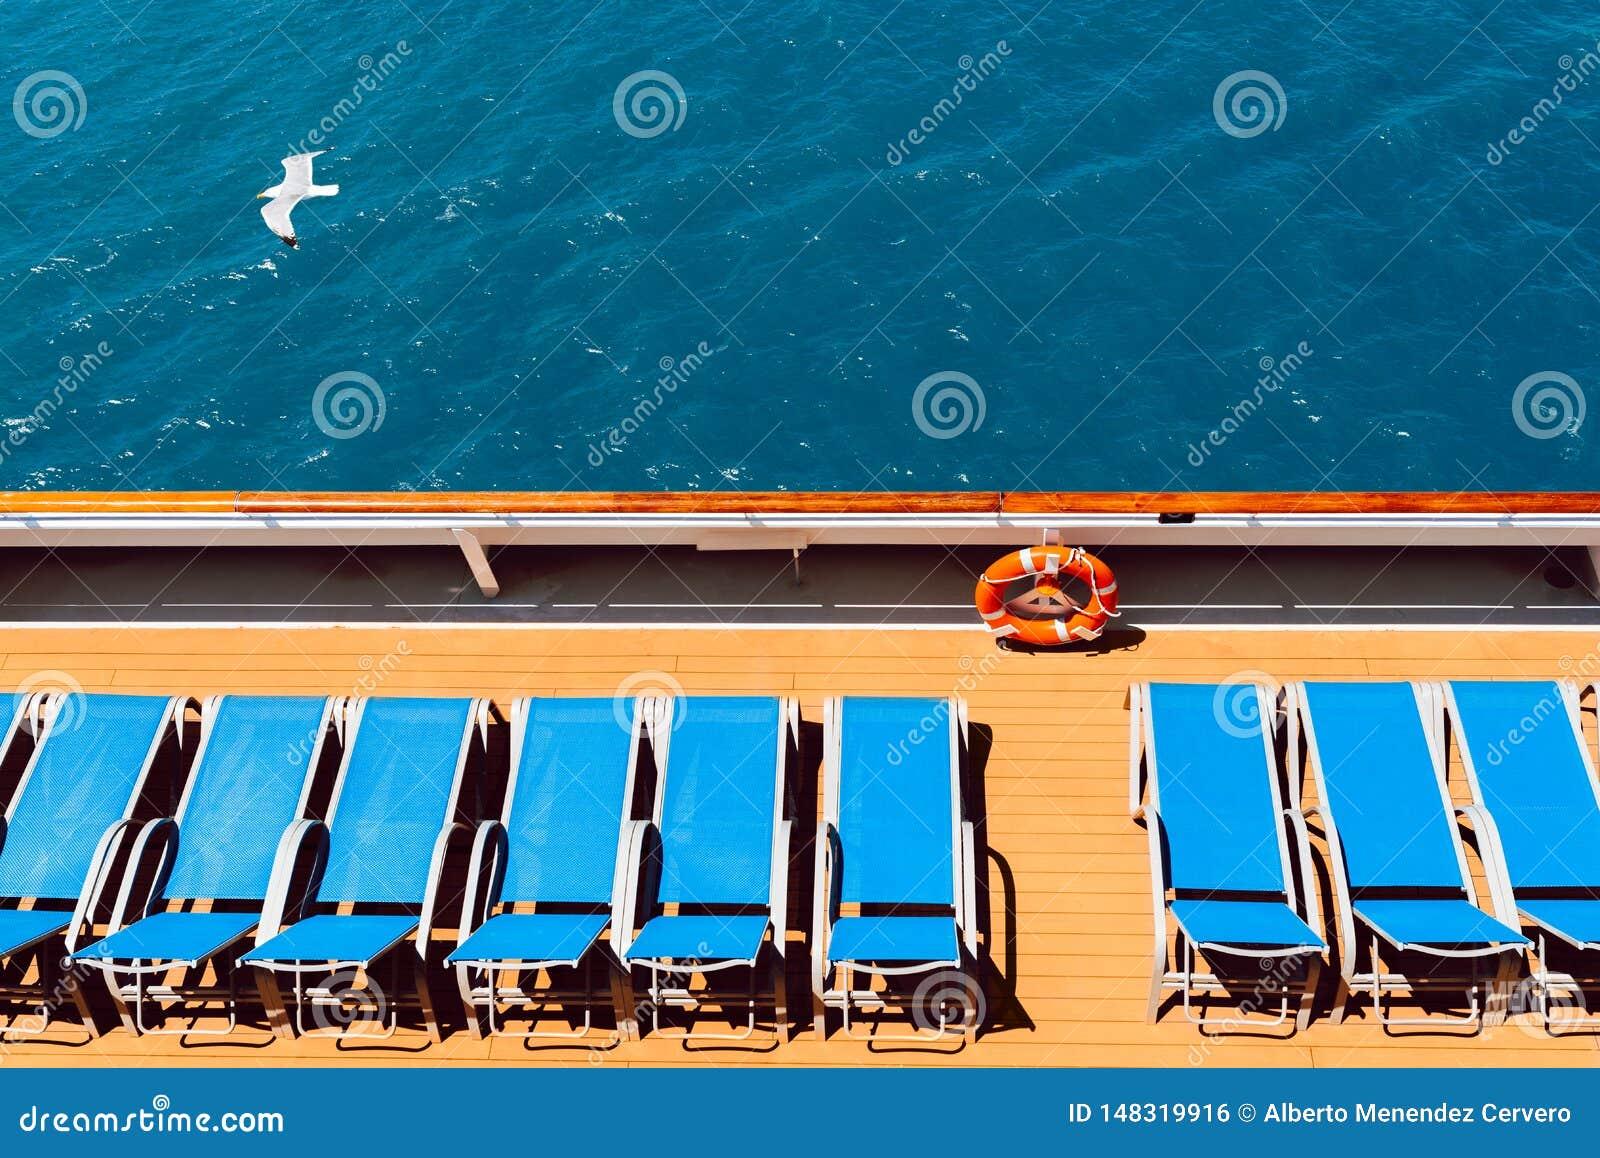 Sunbeds on boat